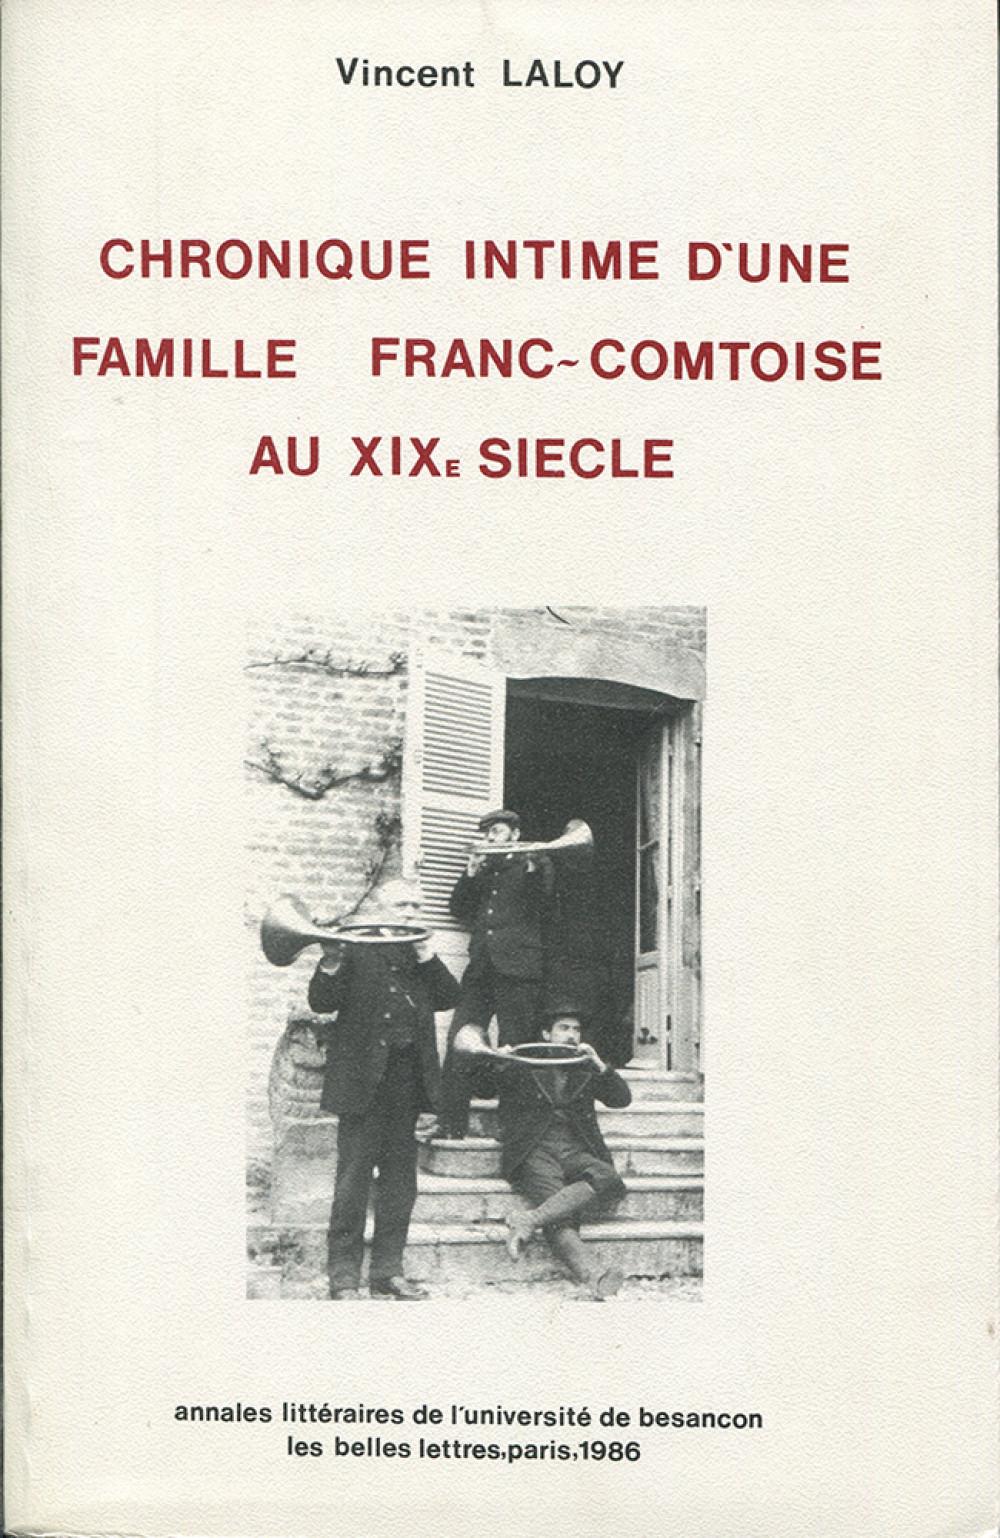 """Chronique intime d'une famille franc-comtoise au <span style=""""font-variant: small-caps"""">XIX</span><sup>e</sup> siècle"""